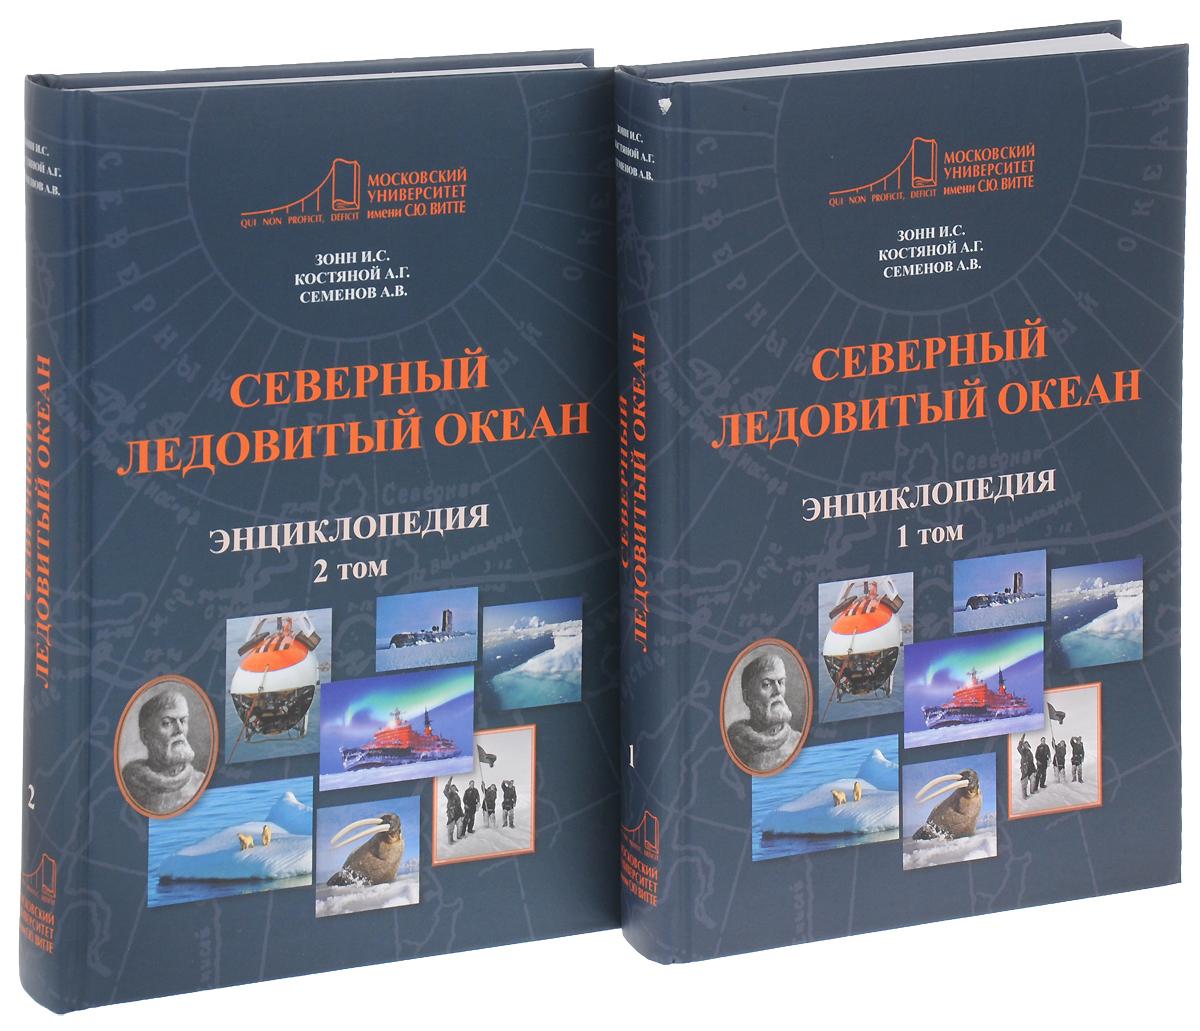 Северный Ледовитый океан. Энциклопедия. В 2 томах (комплект)